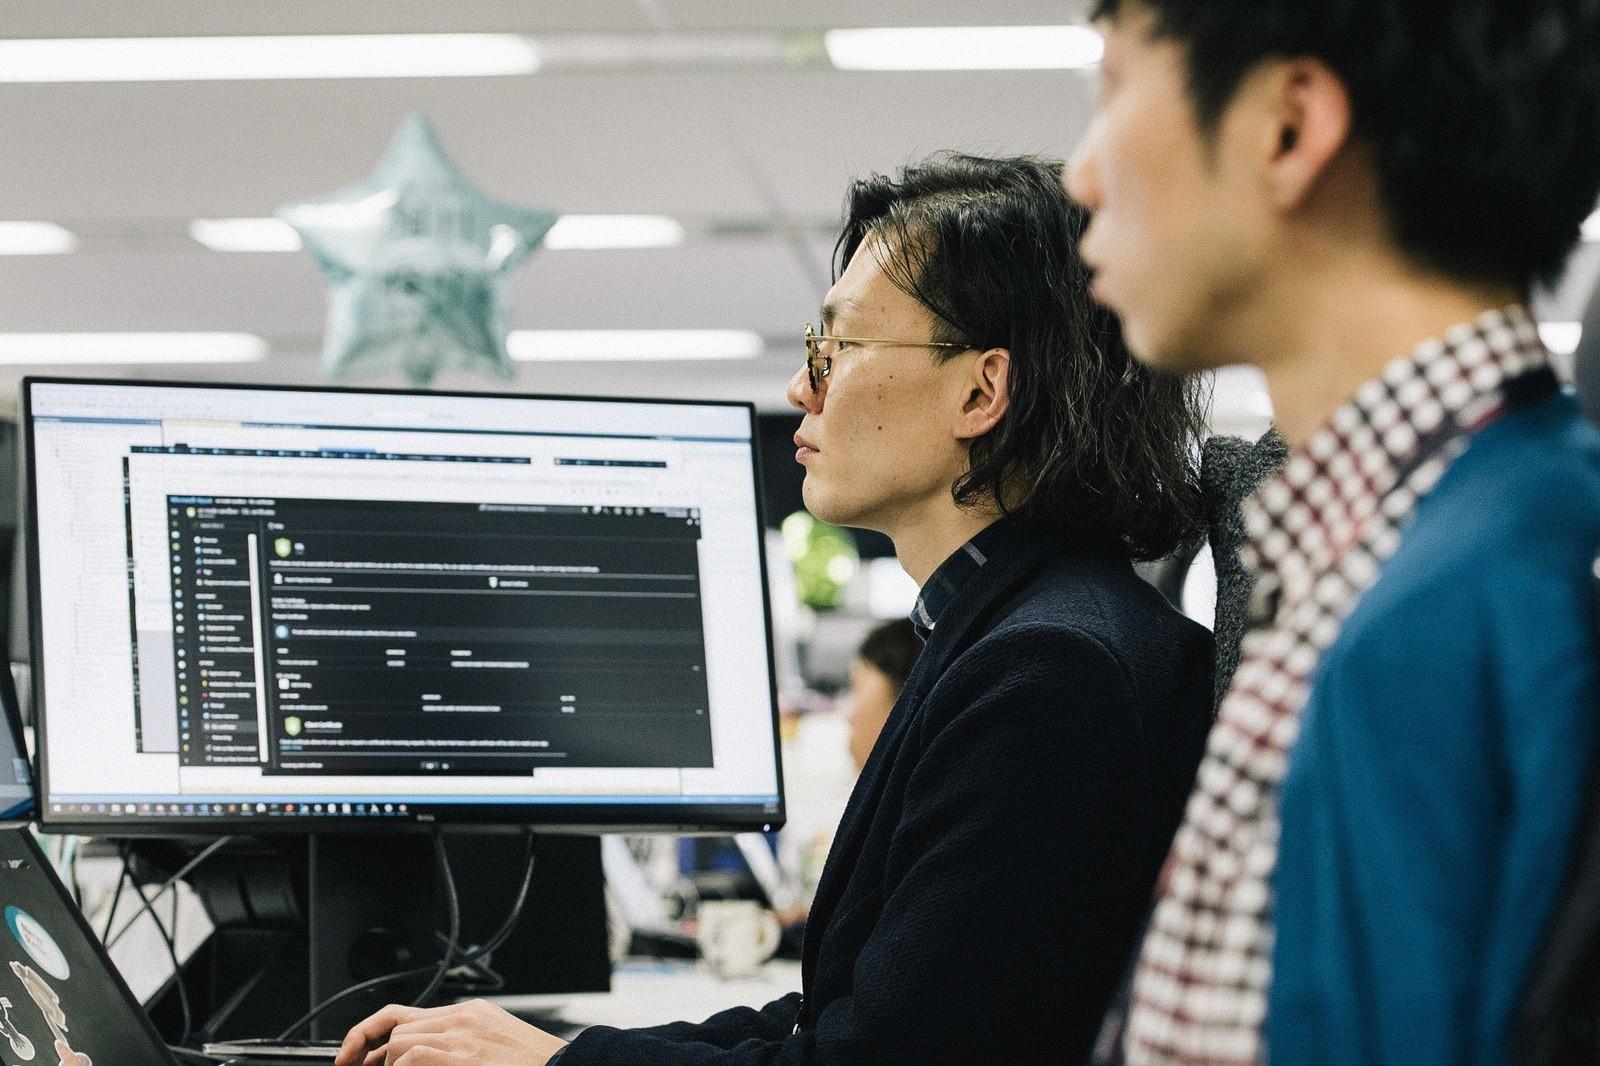 東京【サービス開発/C#.NET】法人向けクラウド名刺管理サービスSansanの開発エンジニア